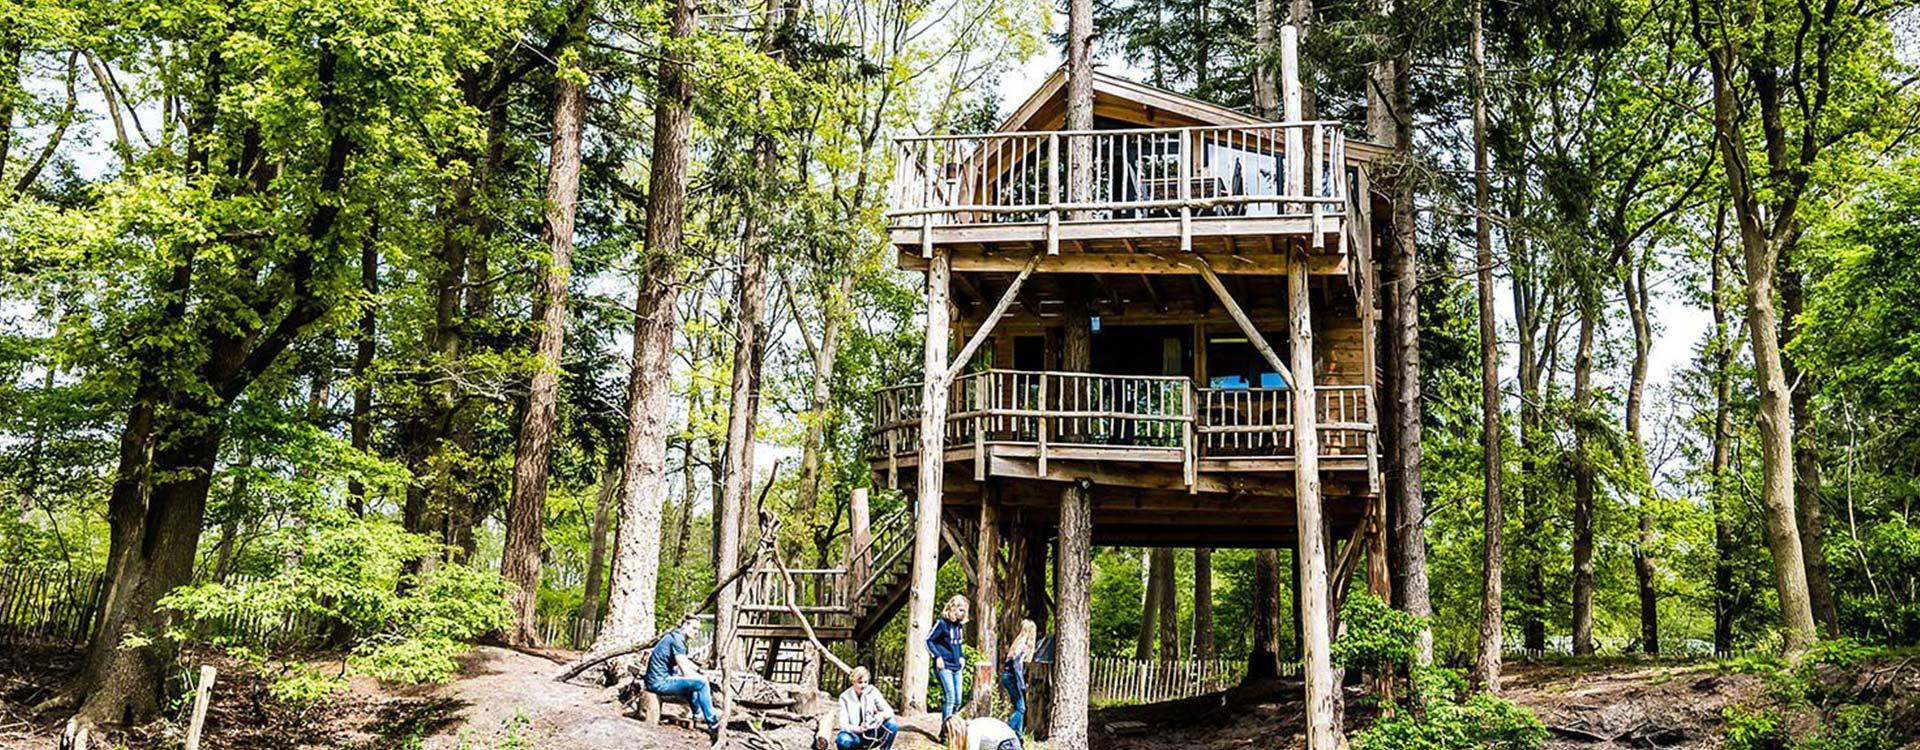 bijzonder-overnachten-in-unieke-boomhut-treehouse